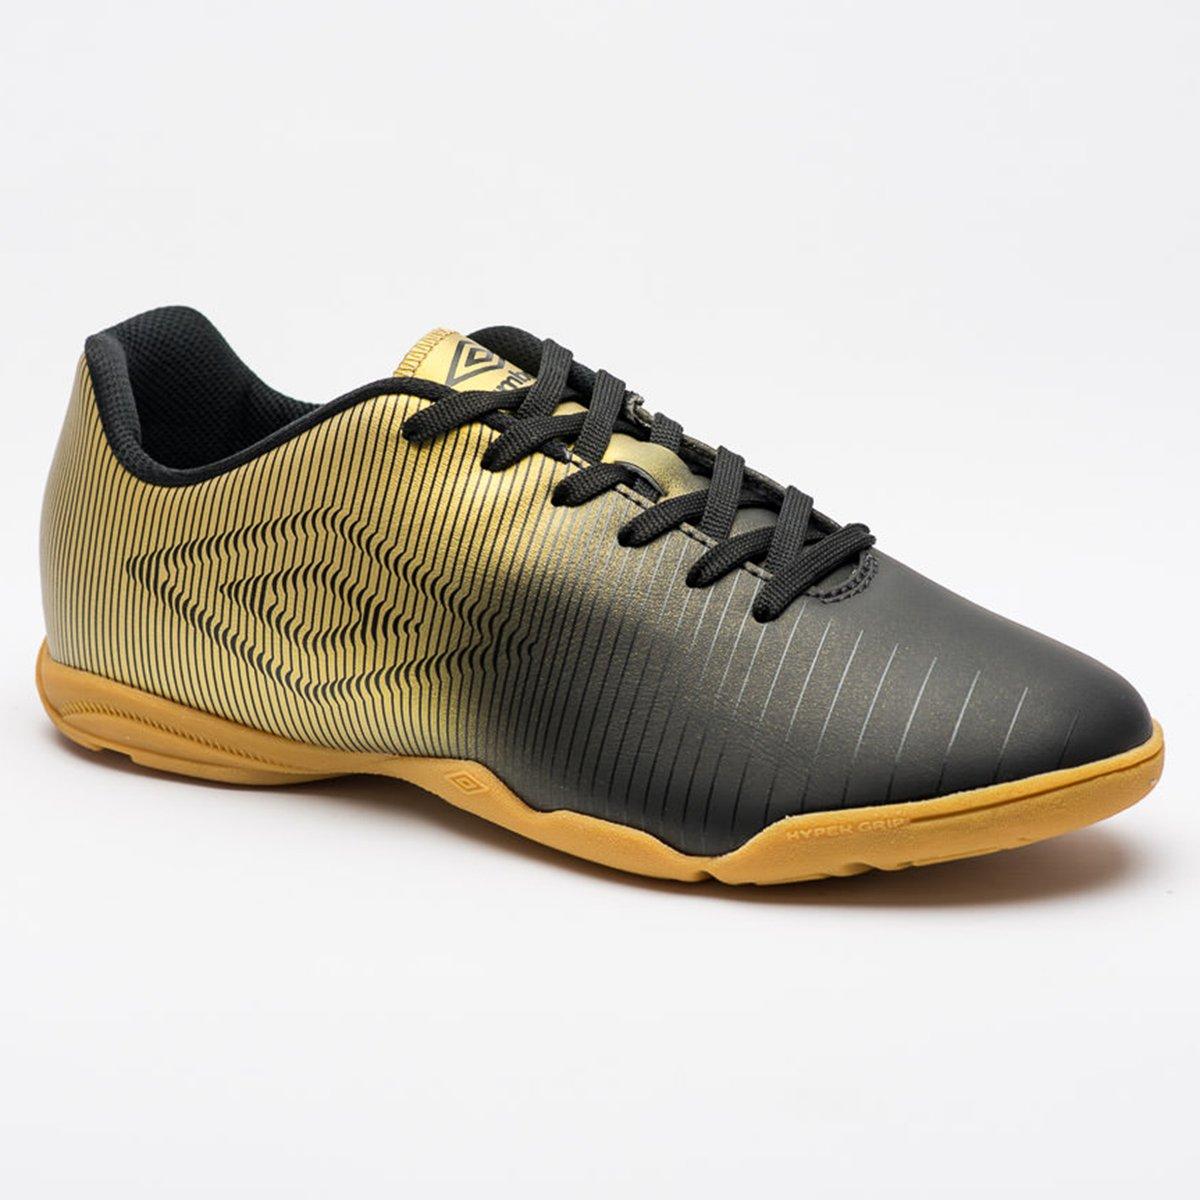 76bc61257e7f5 Chuteira Futsal Umbro Vibe - Preto e Dourado - Compre Agora